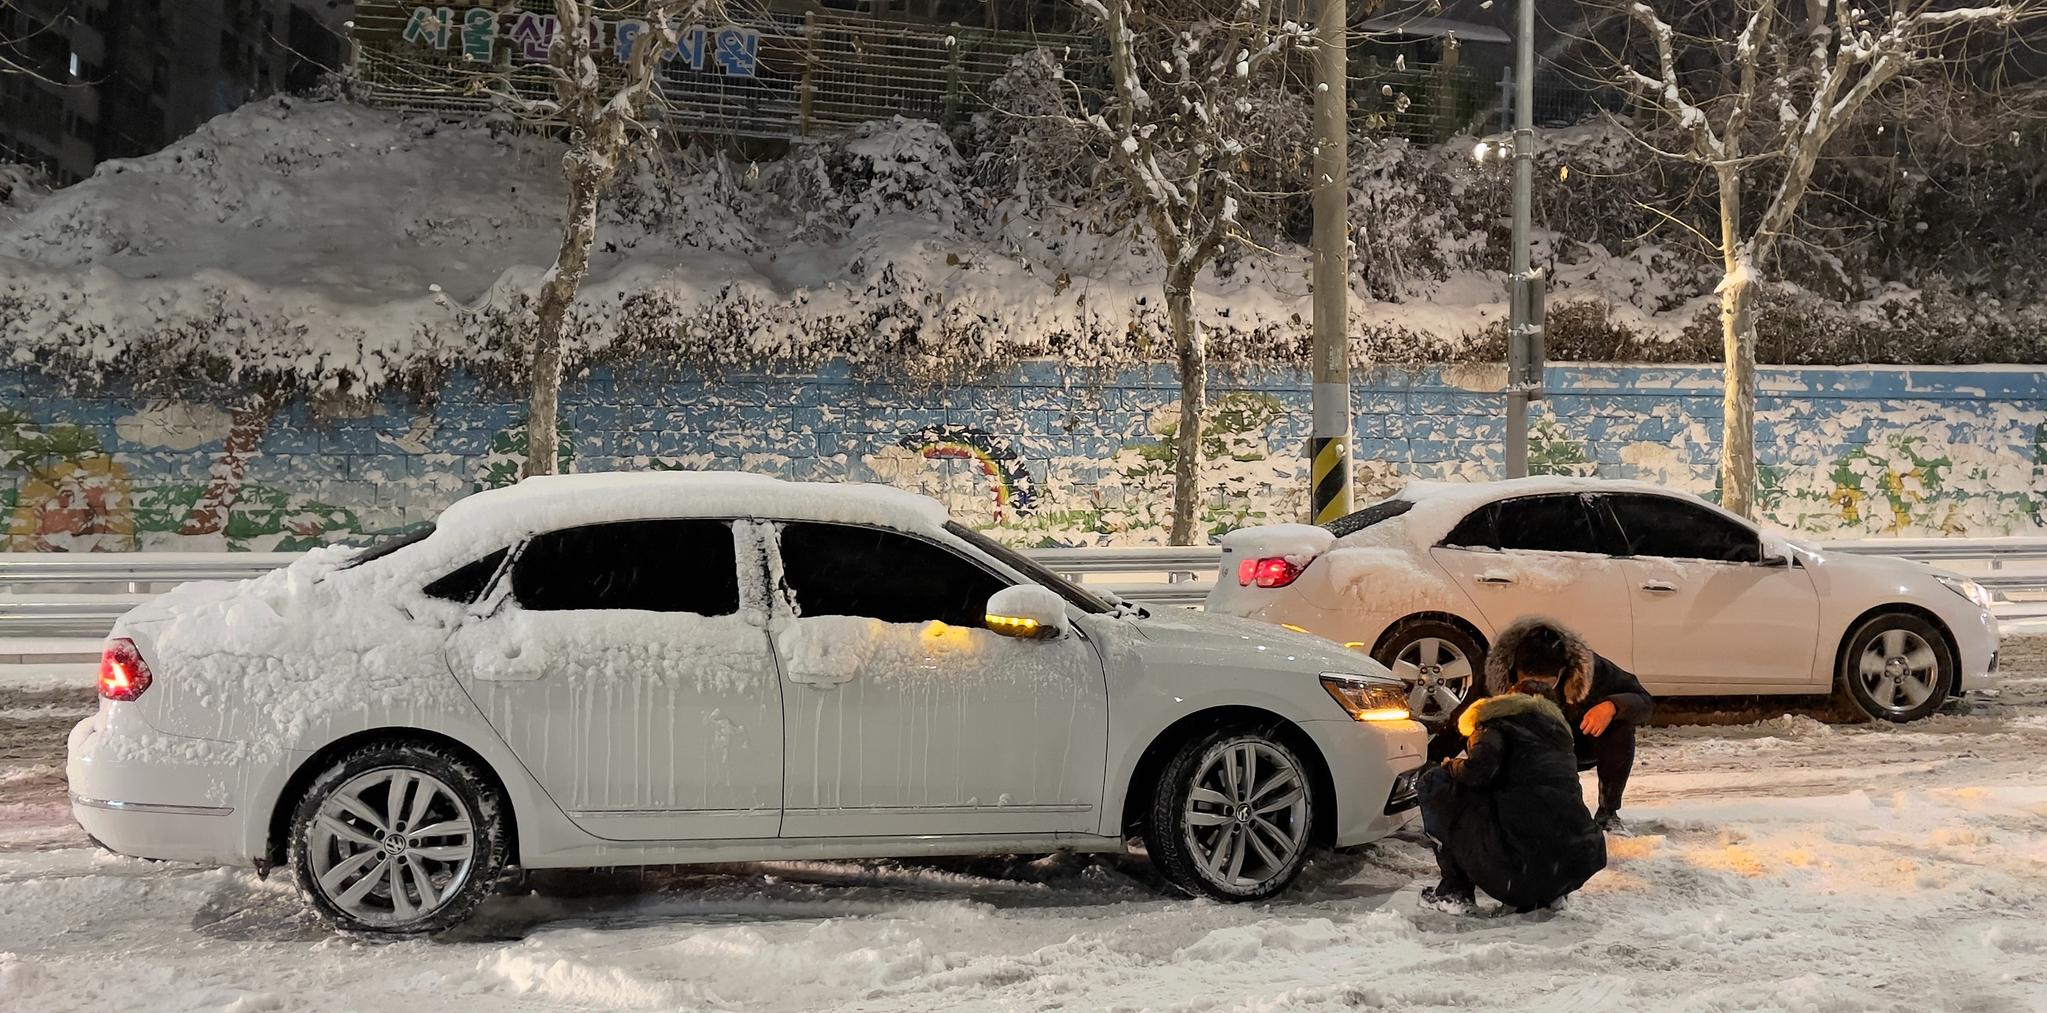 지난 6일 내린 눈으로 서울 관악구 호암로 인근 도로가 결빙돼 차들이 멈춰서 있다. [뉴스 1]